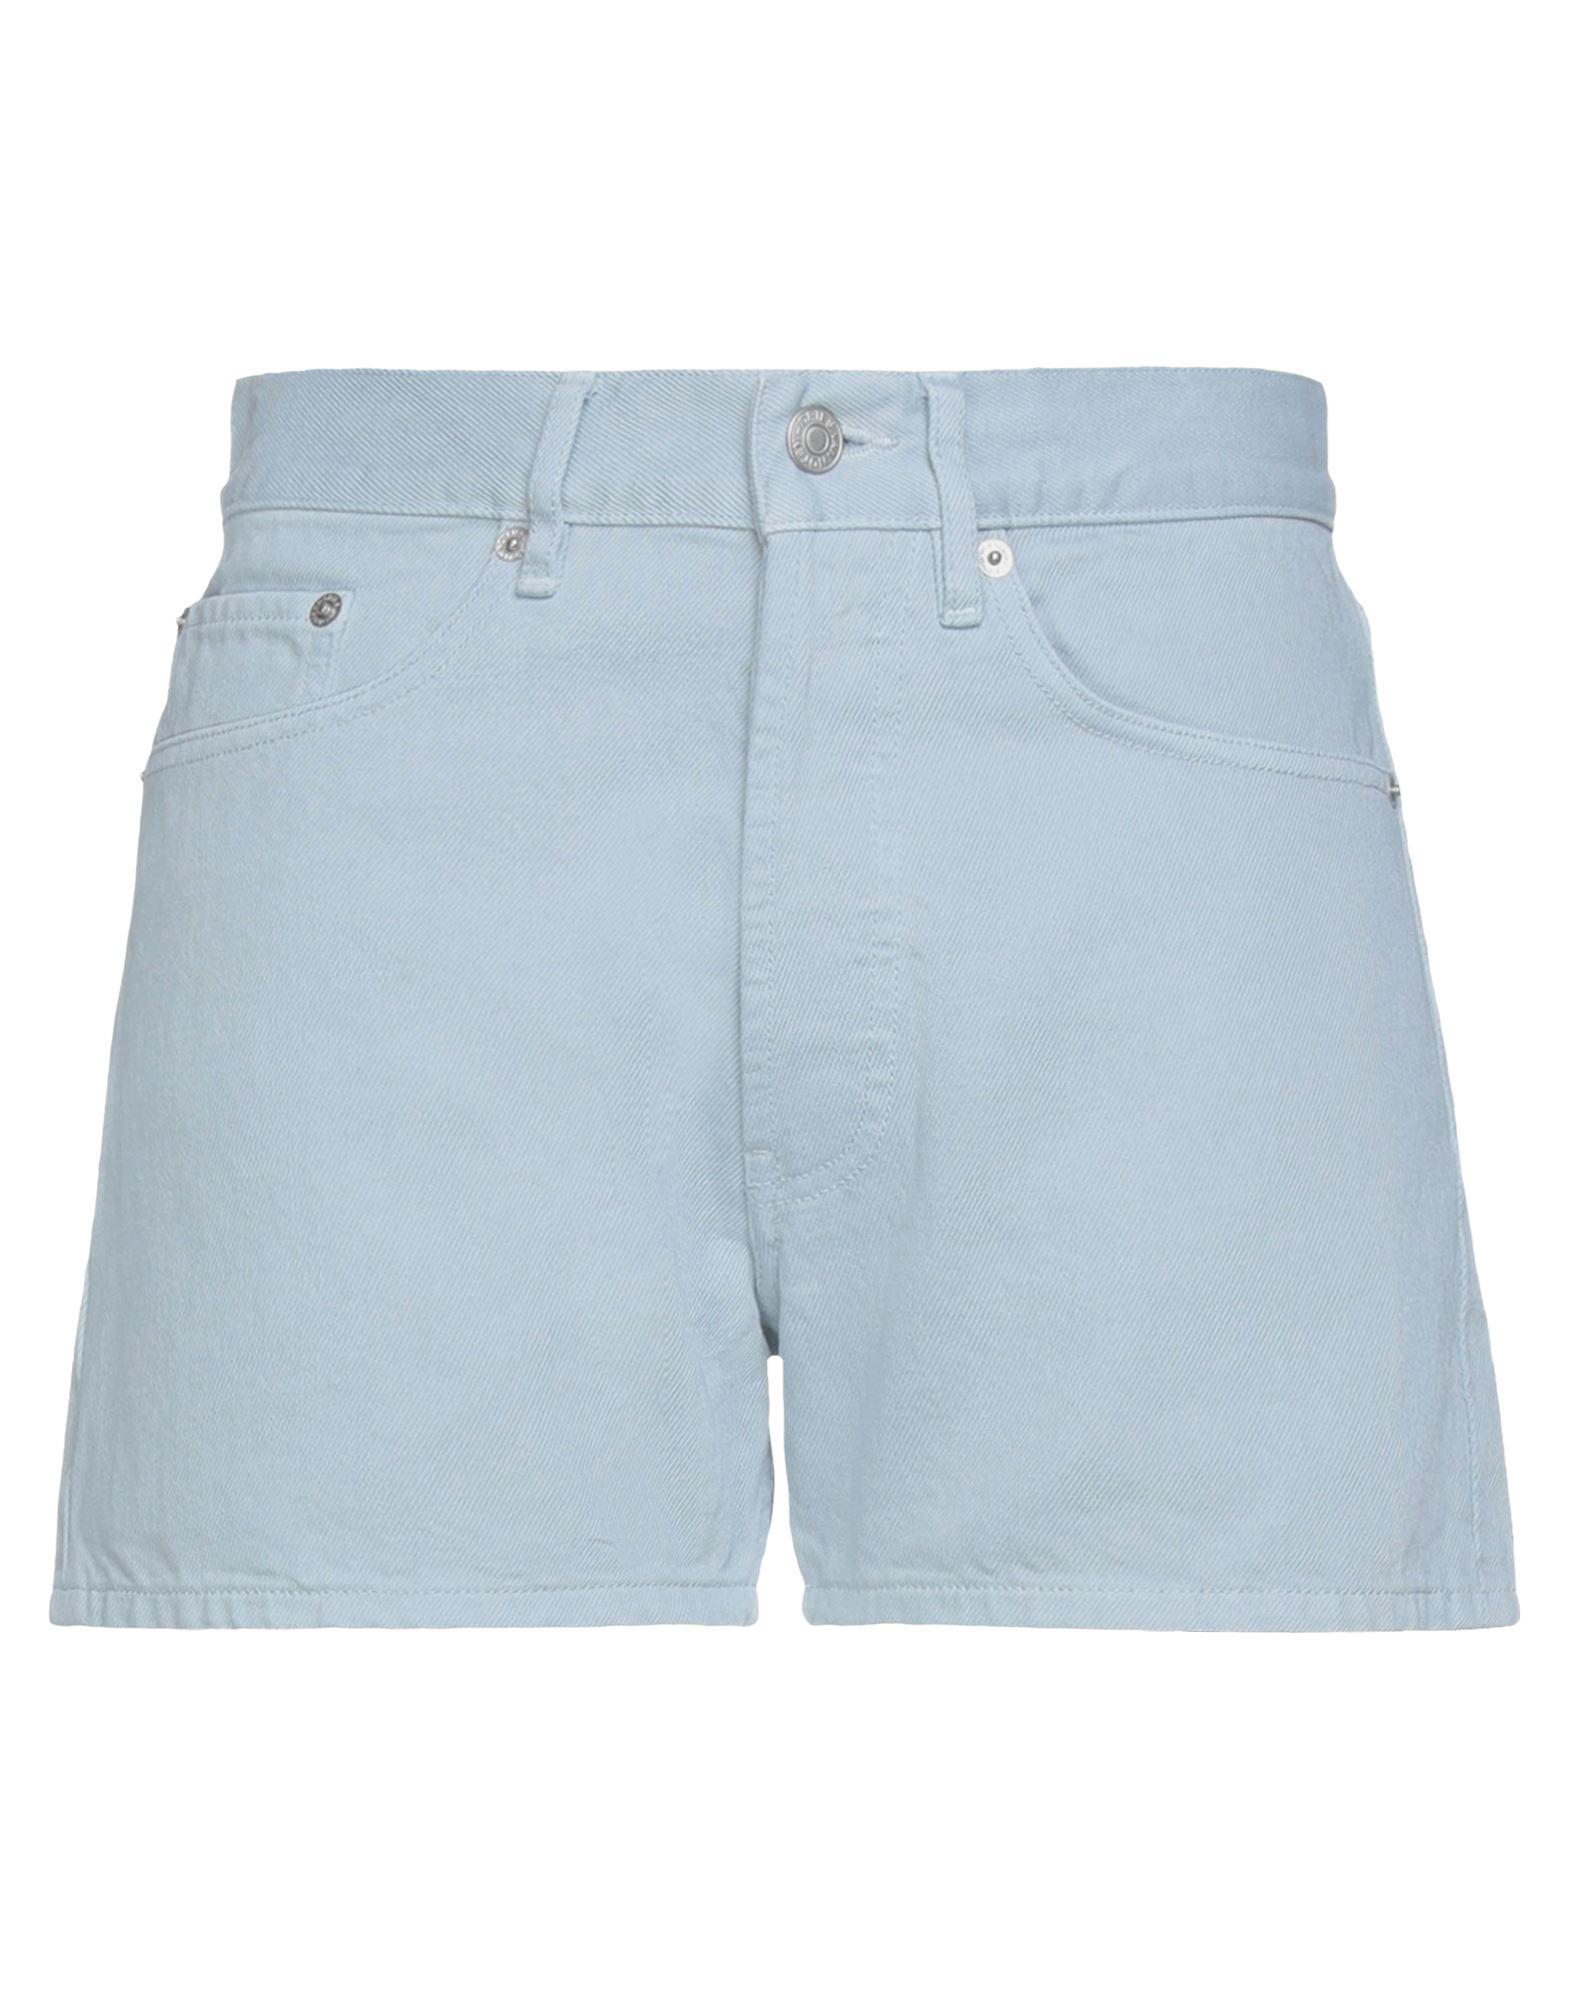 Фото - DRIES VAN NOTEN Джинсовые шорты please джинсовые шорты